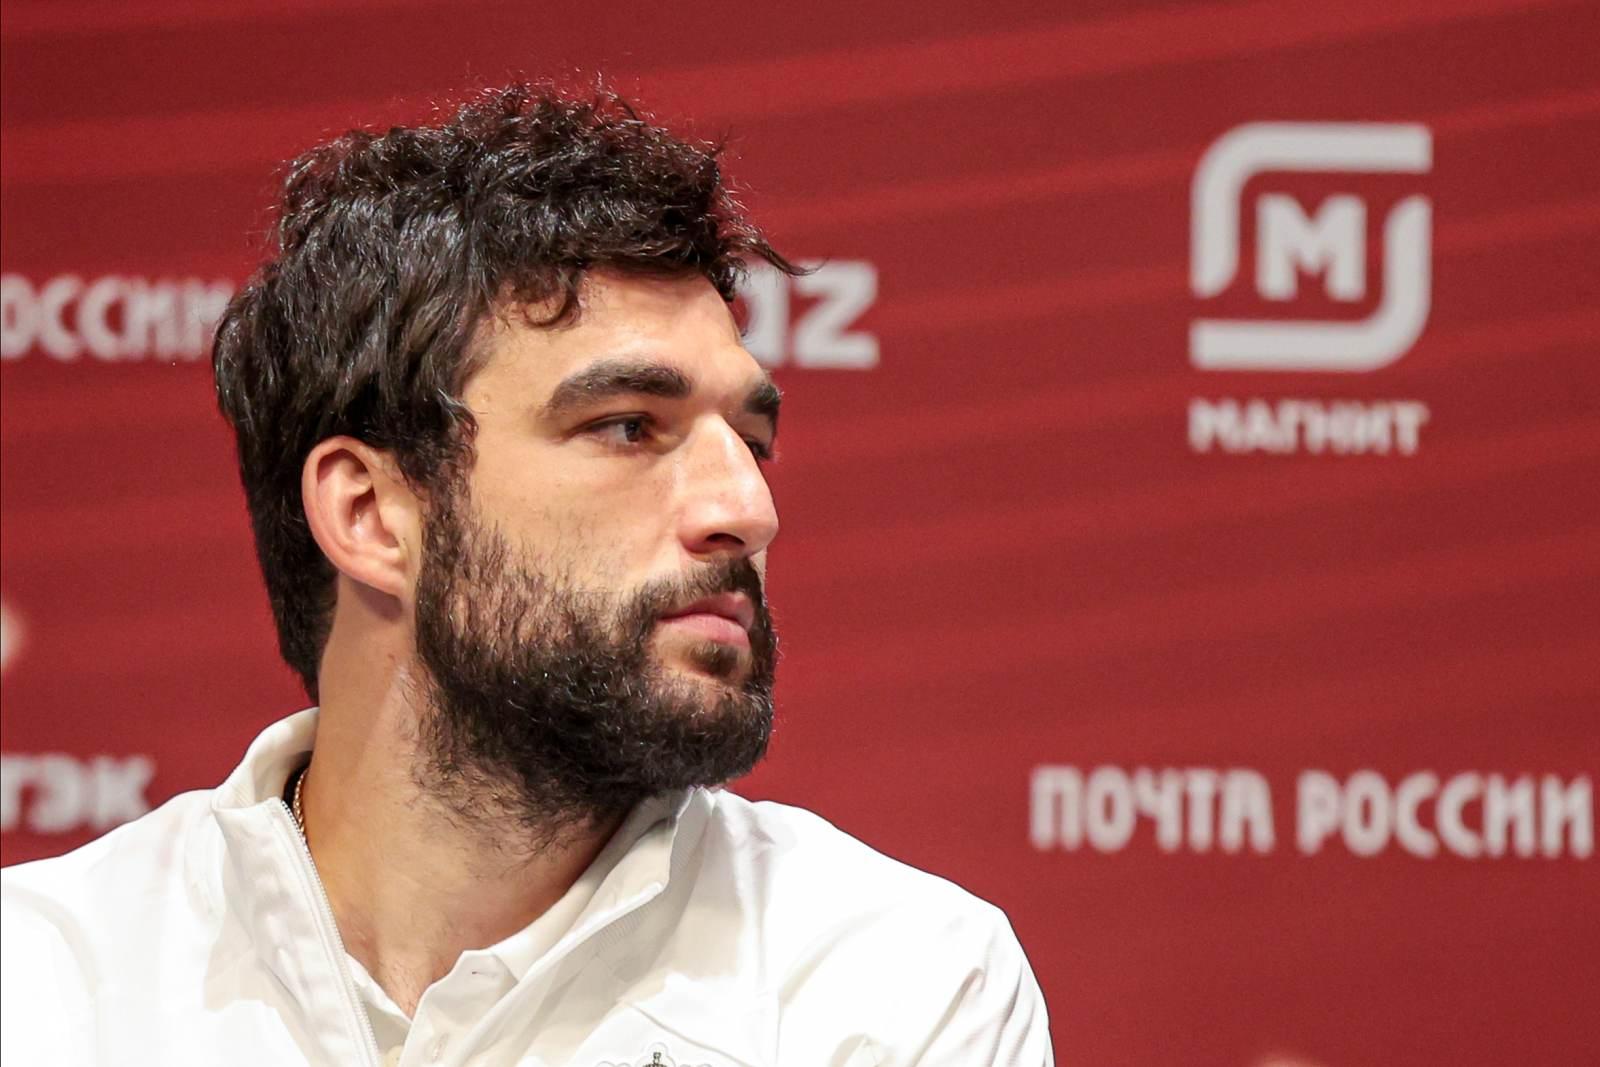 Джикия высказался об отказе Дзюбы от вызова в сборную России